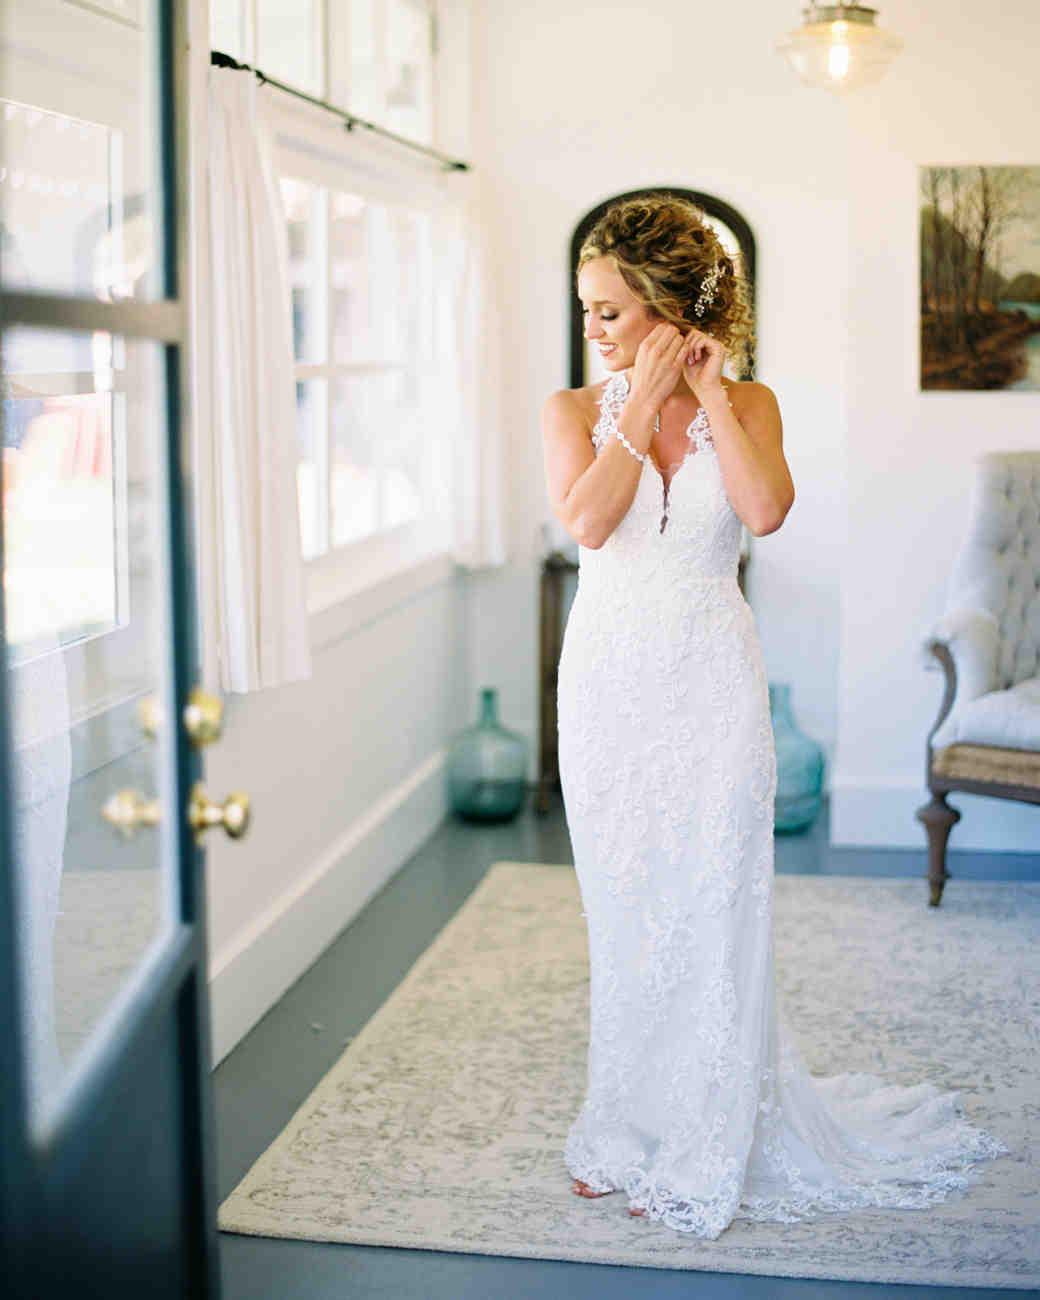 wedding bride modern lace wedding dress